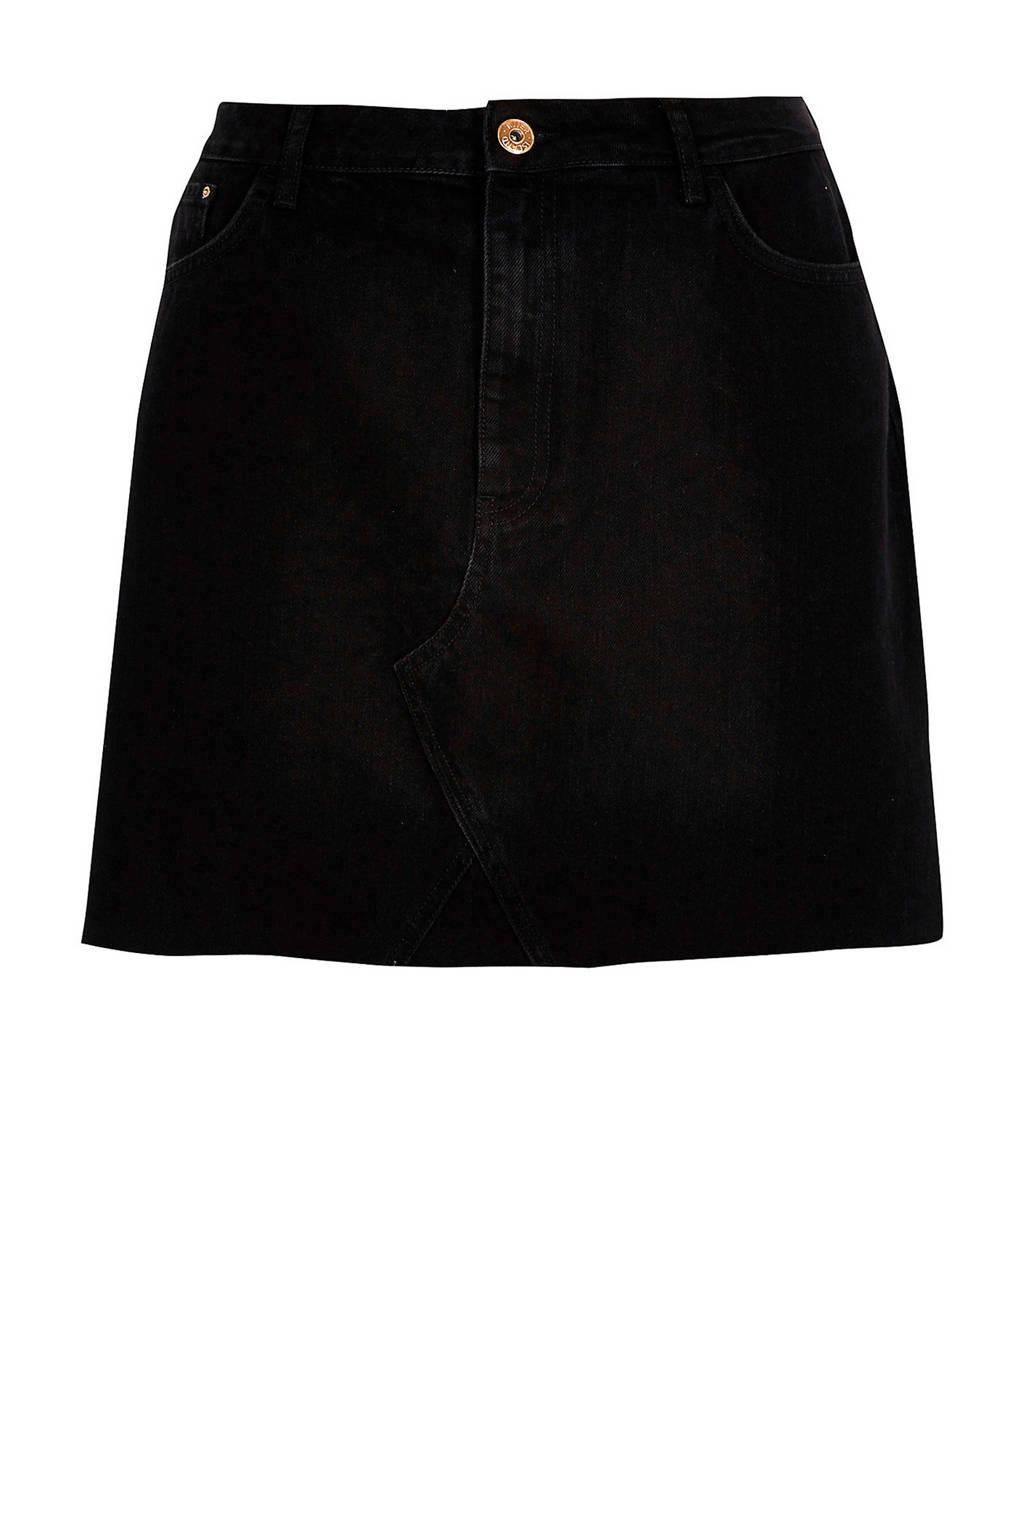 River Island Plus spijkerrok met rafels zwart, Zwart